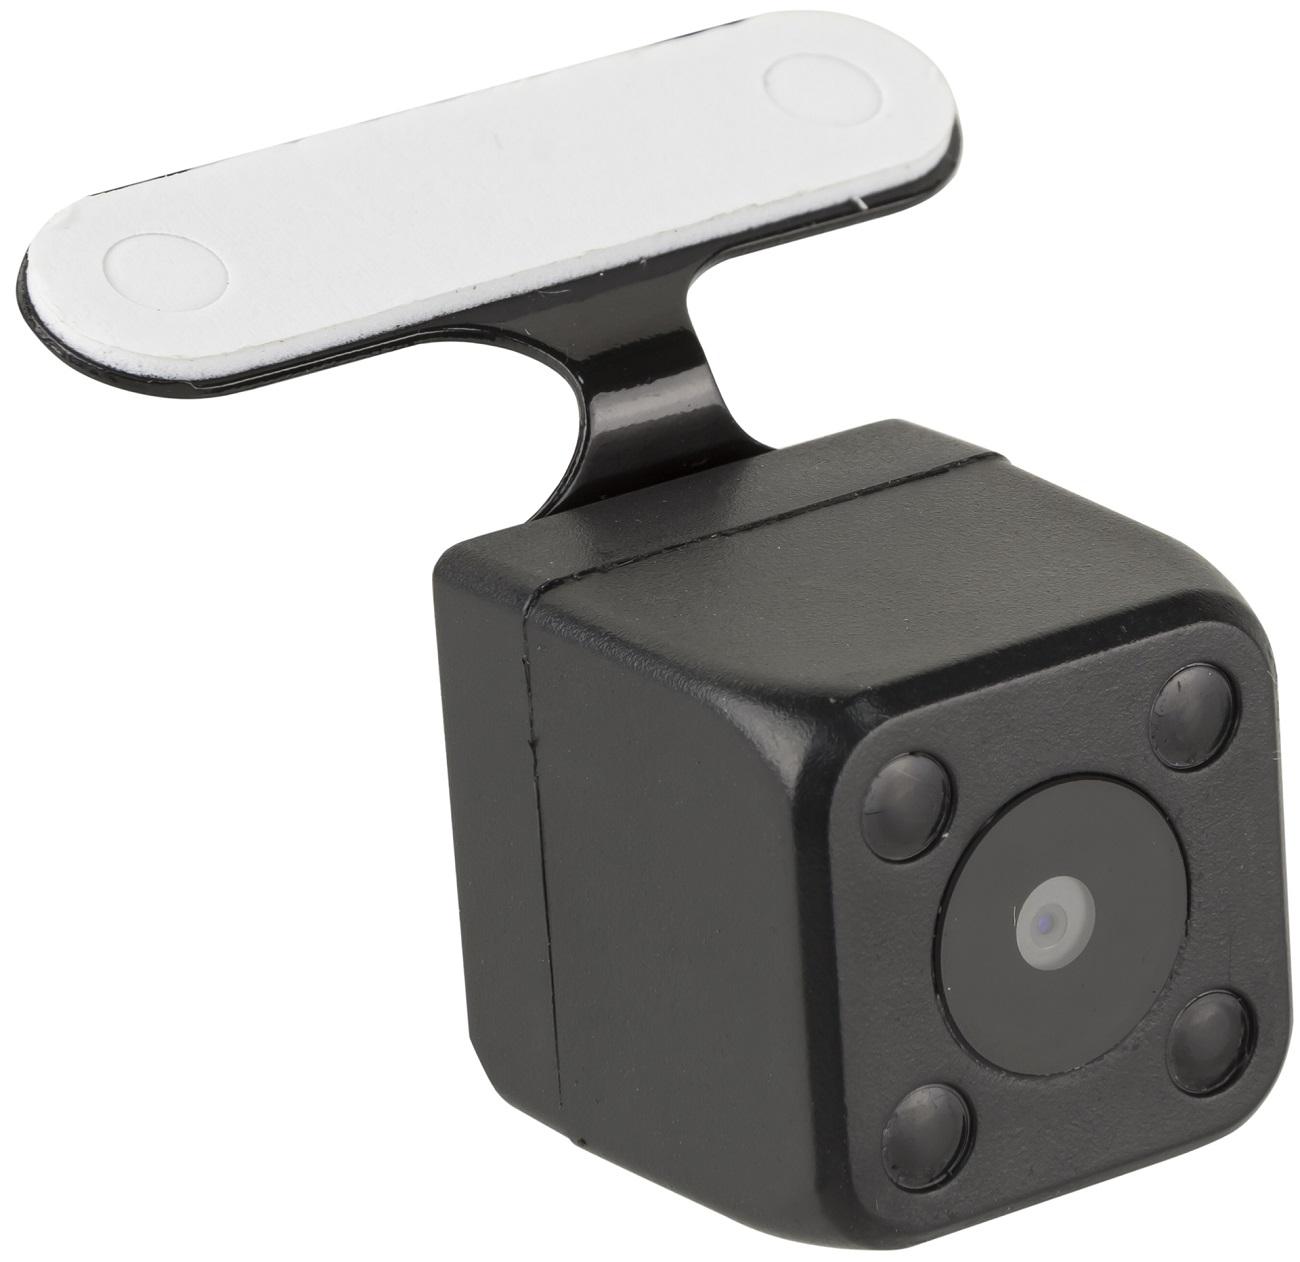 Чудеса маскировки: обзор видеорегистратора Neoline G-TECH X27 снеобычным дизайном